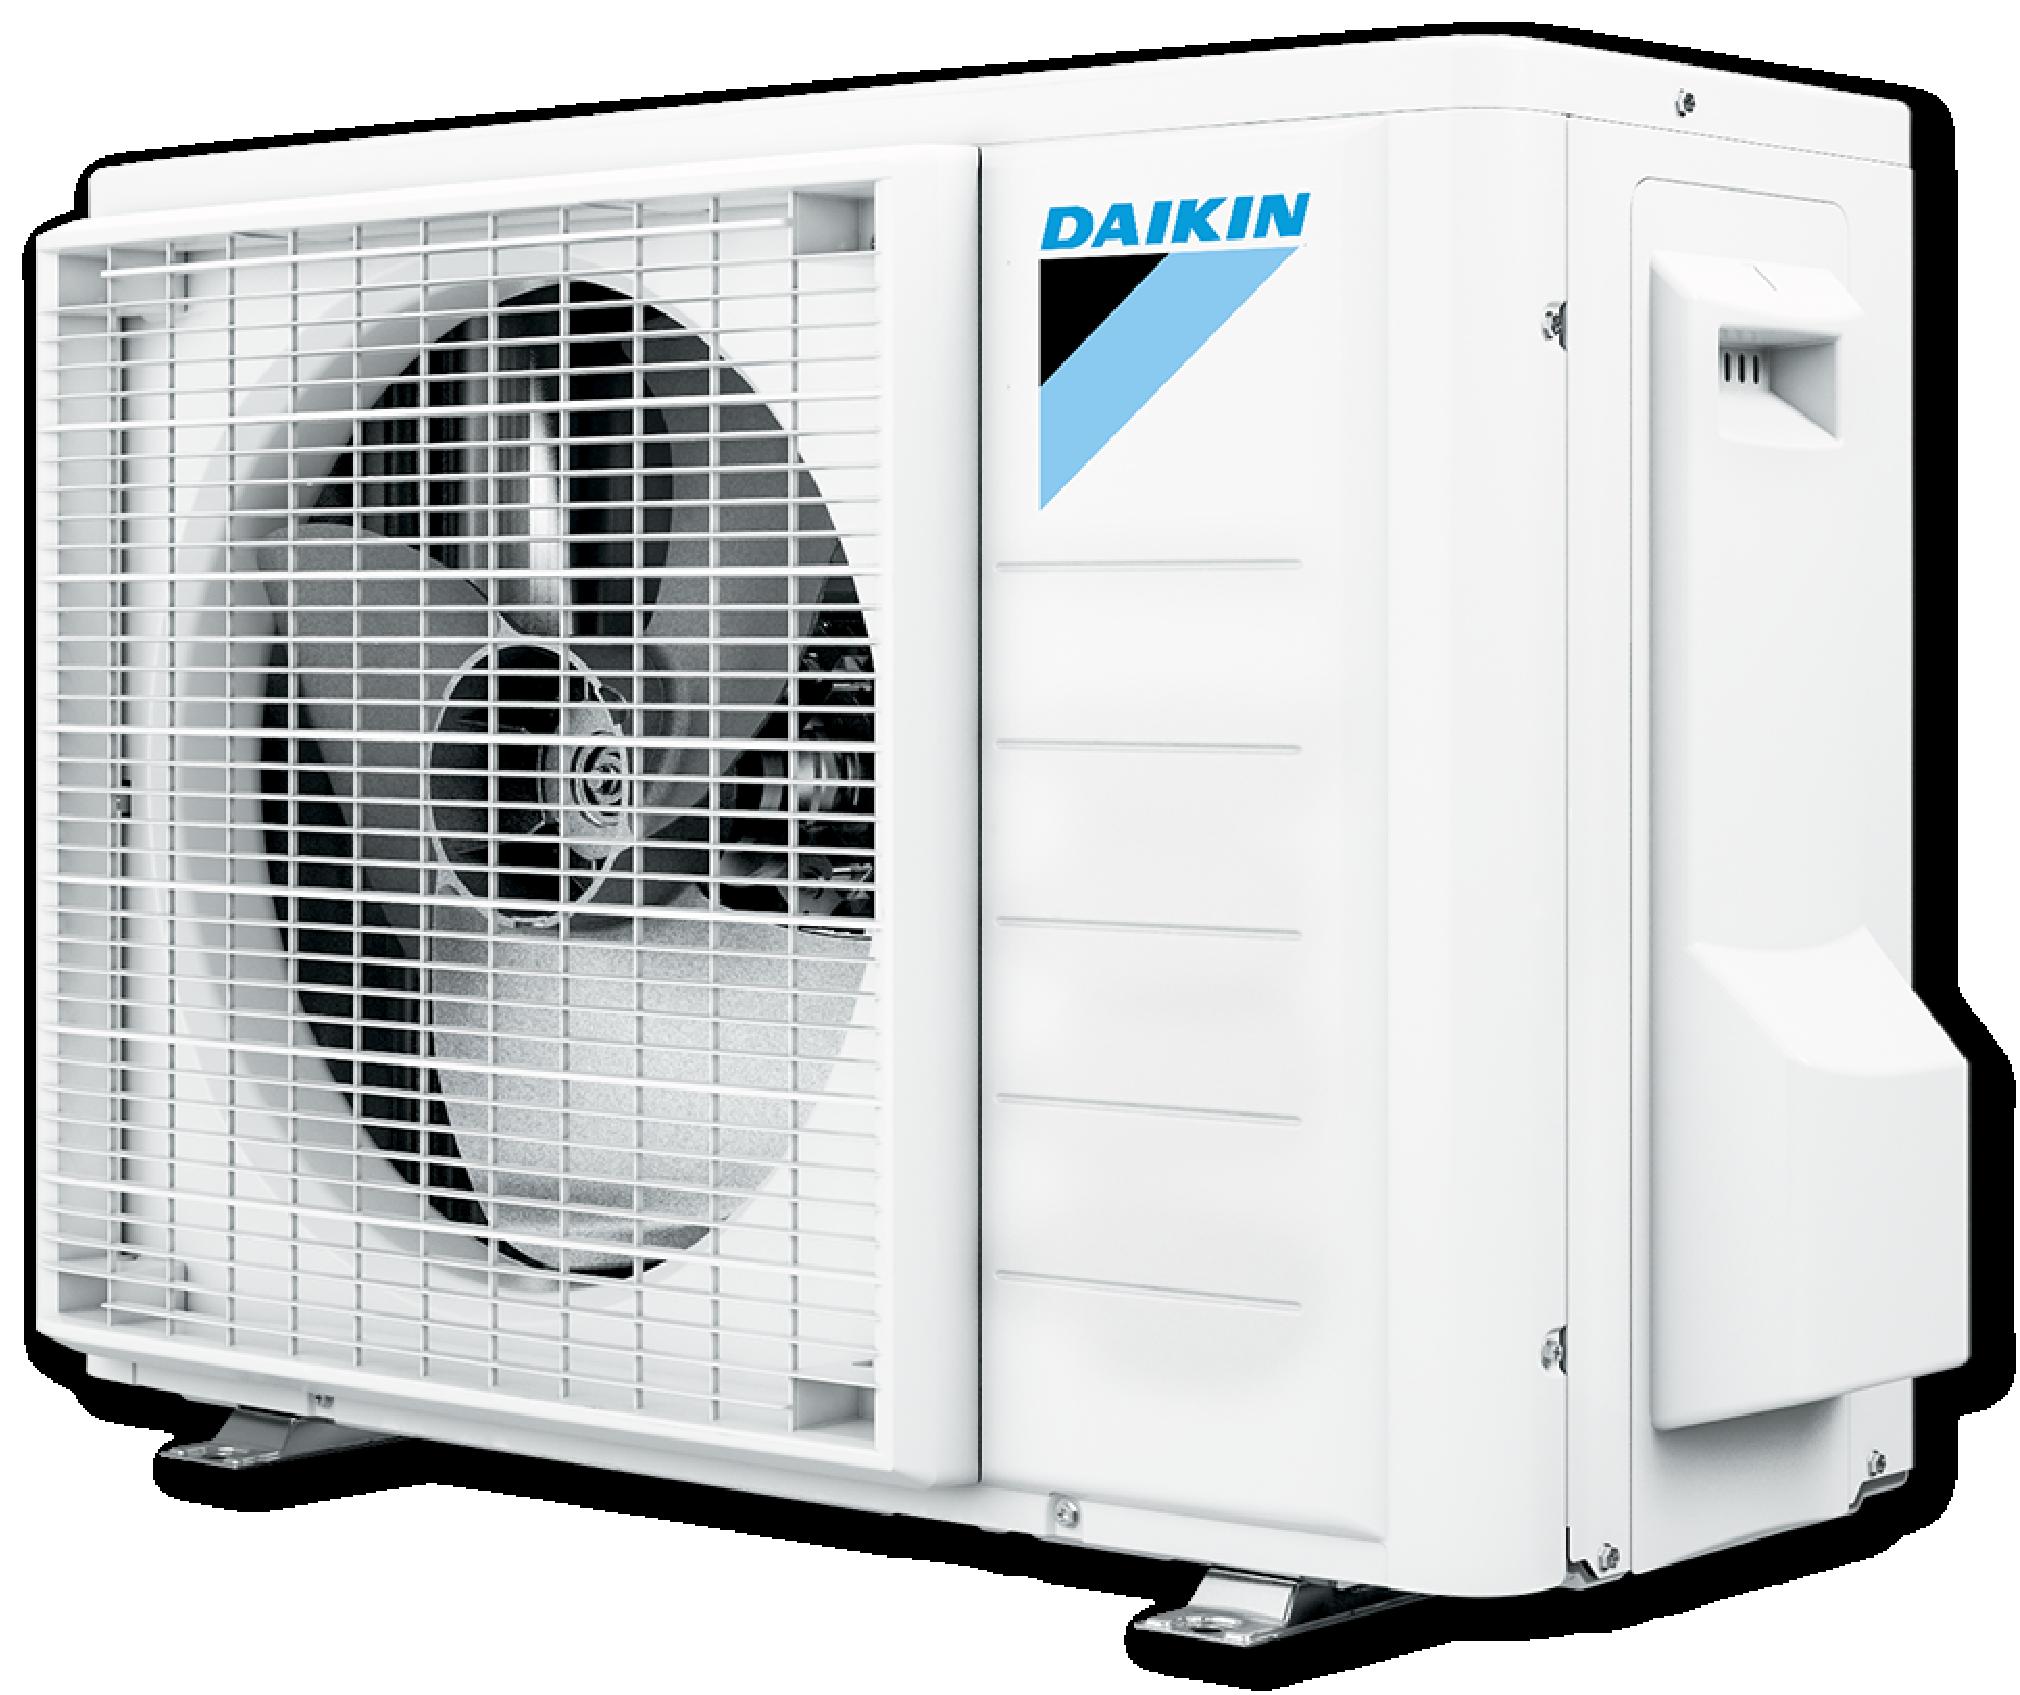 Utedelen på varmepumpen Daikin Gulvmodell fra Varme- og Kjølesystemer